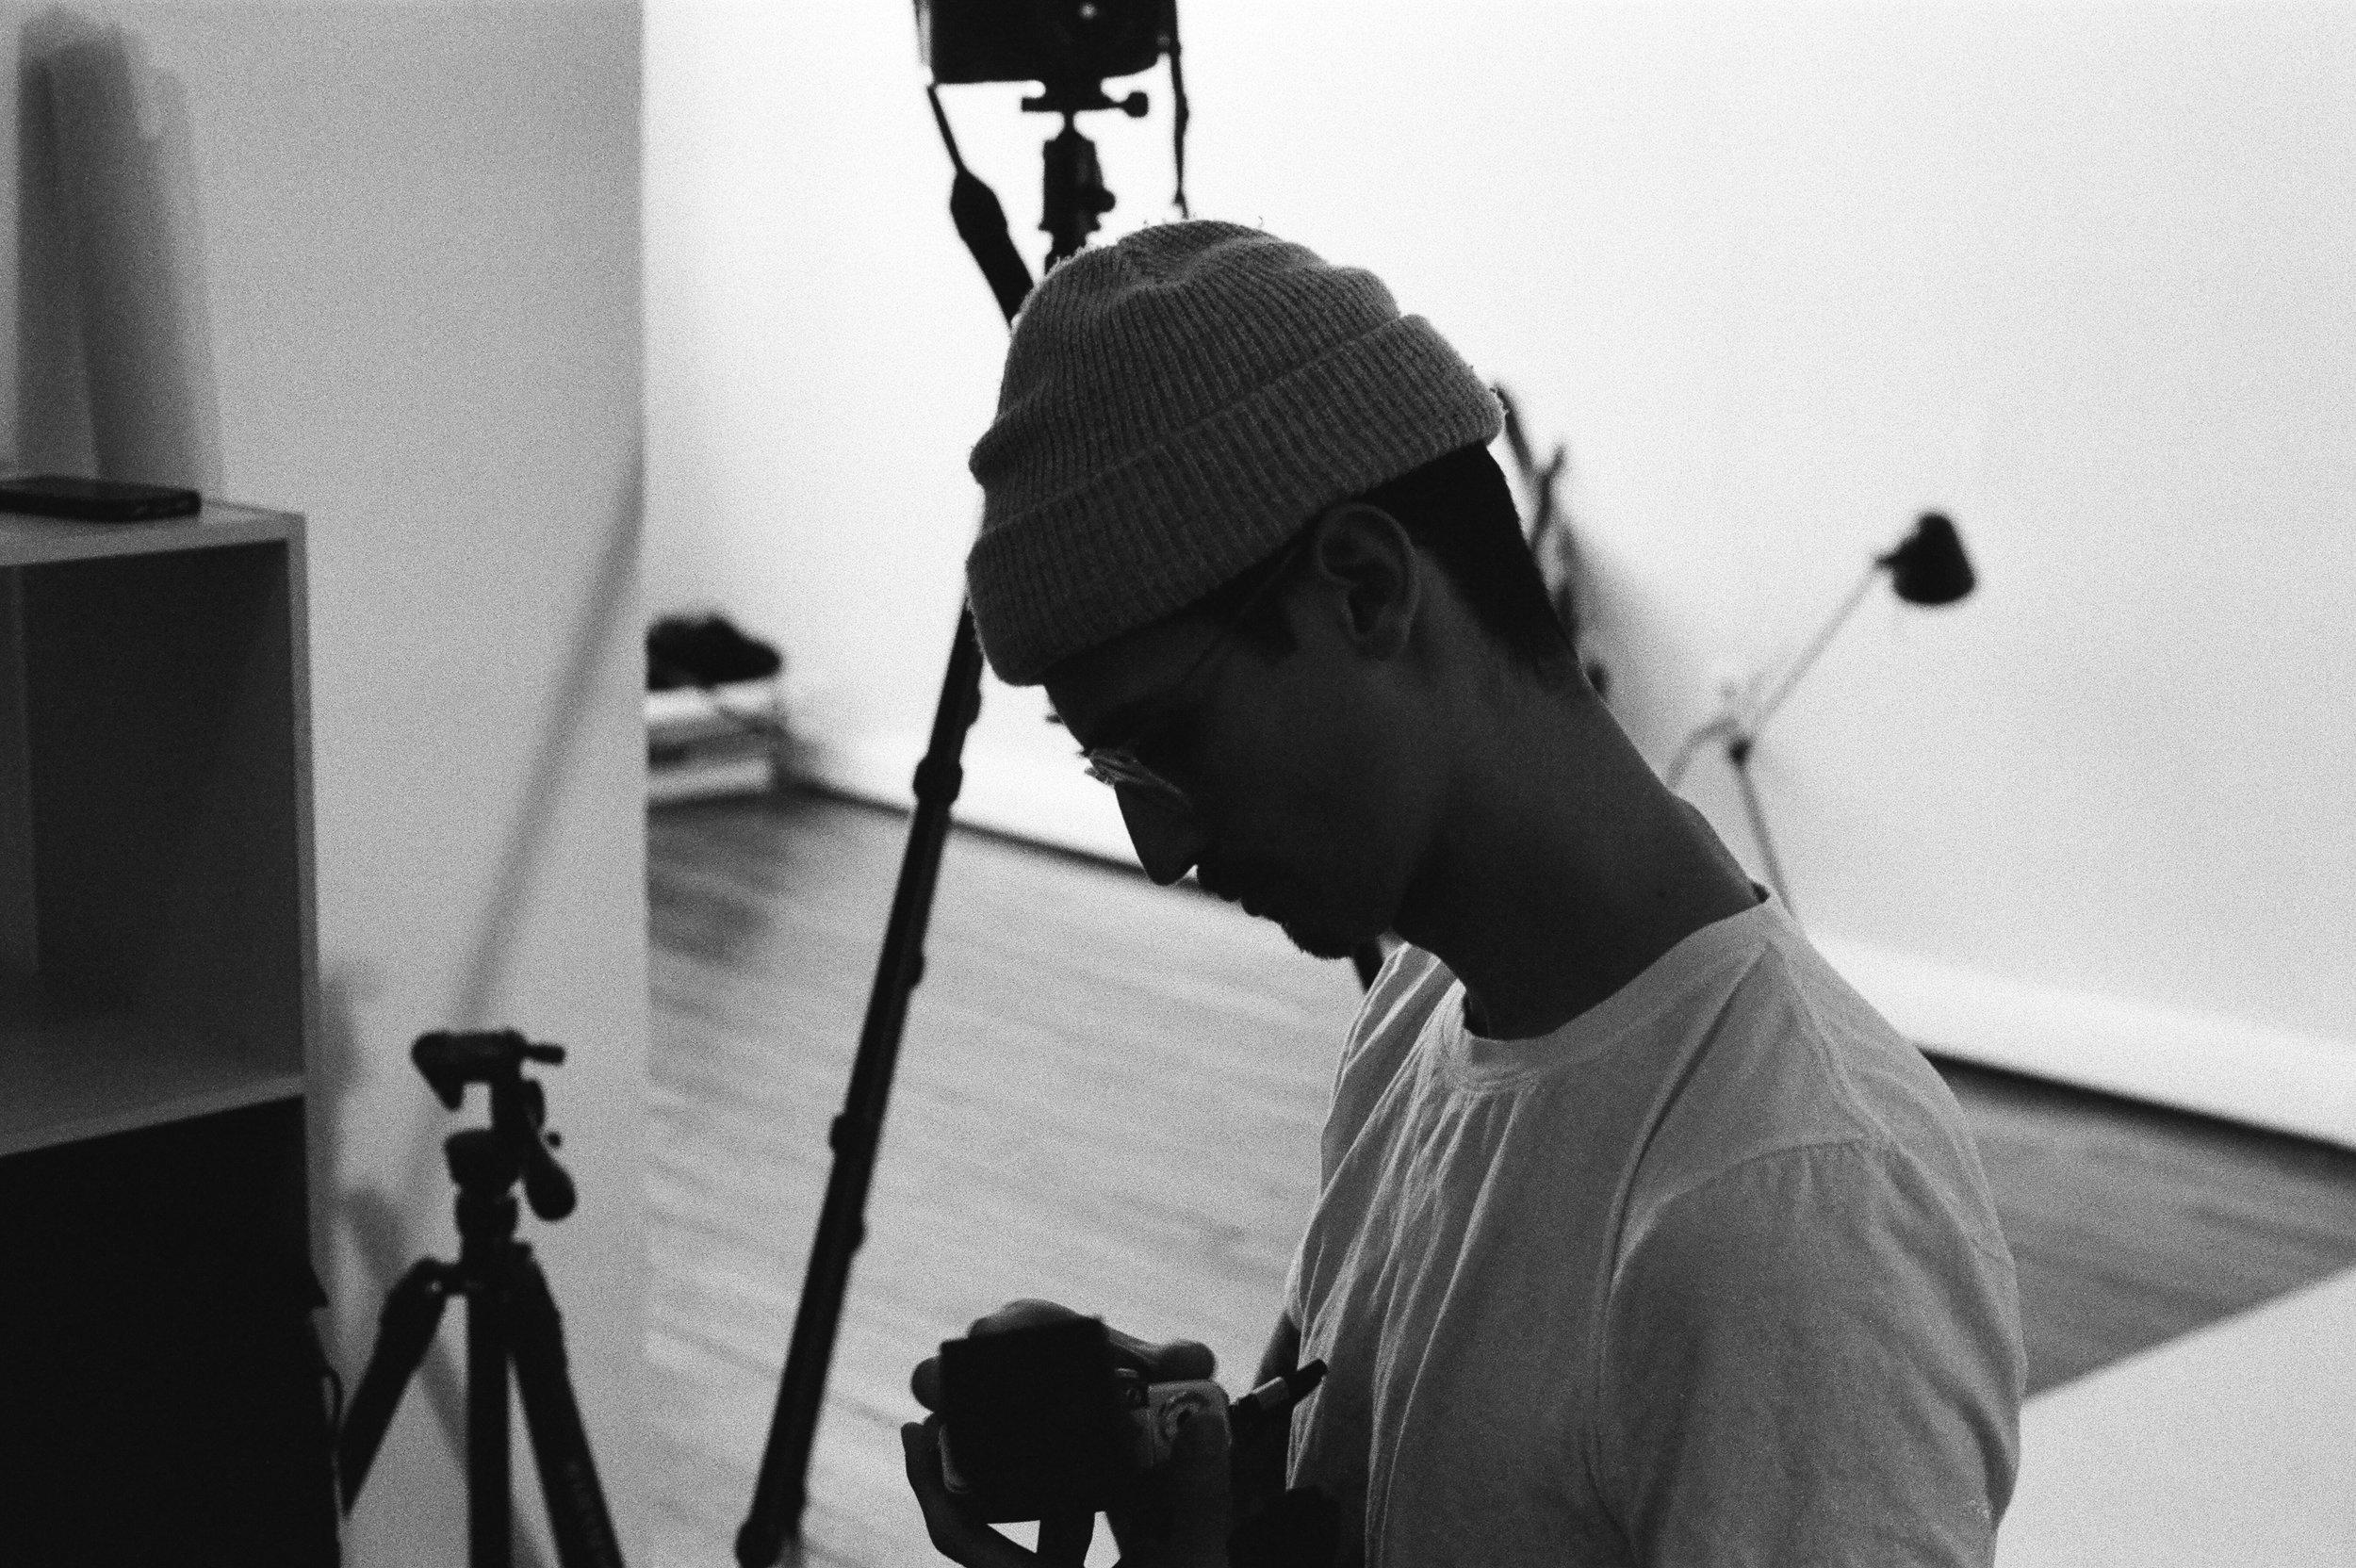 Leica-02-16.jpg